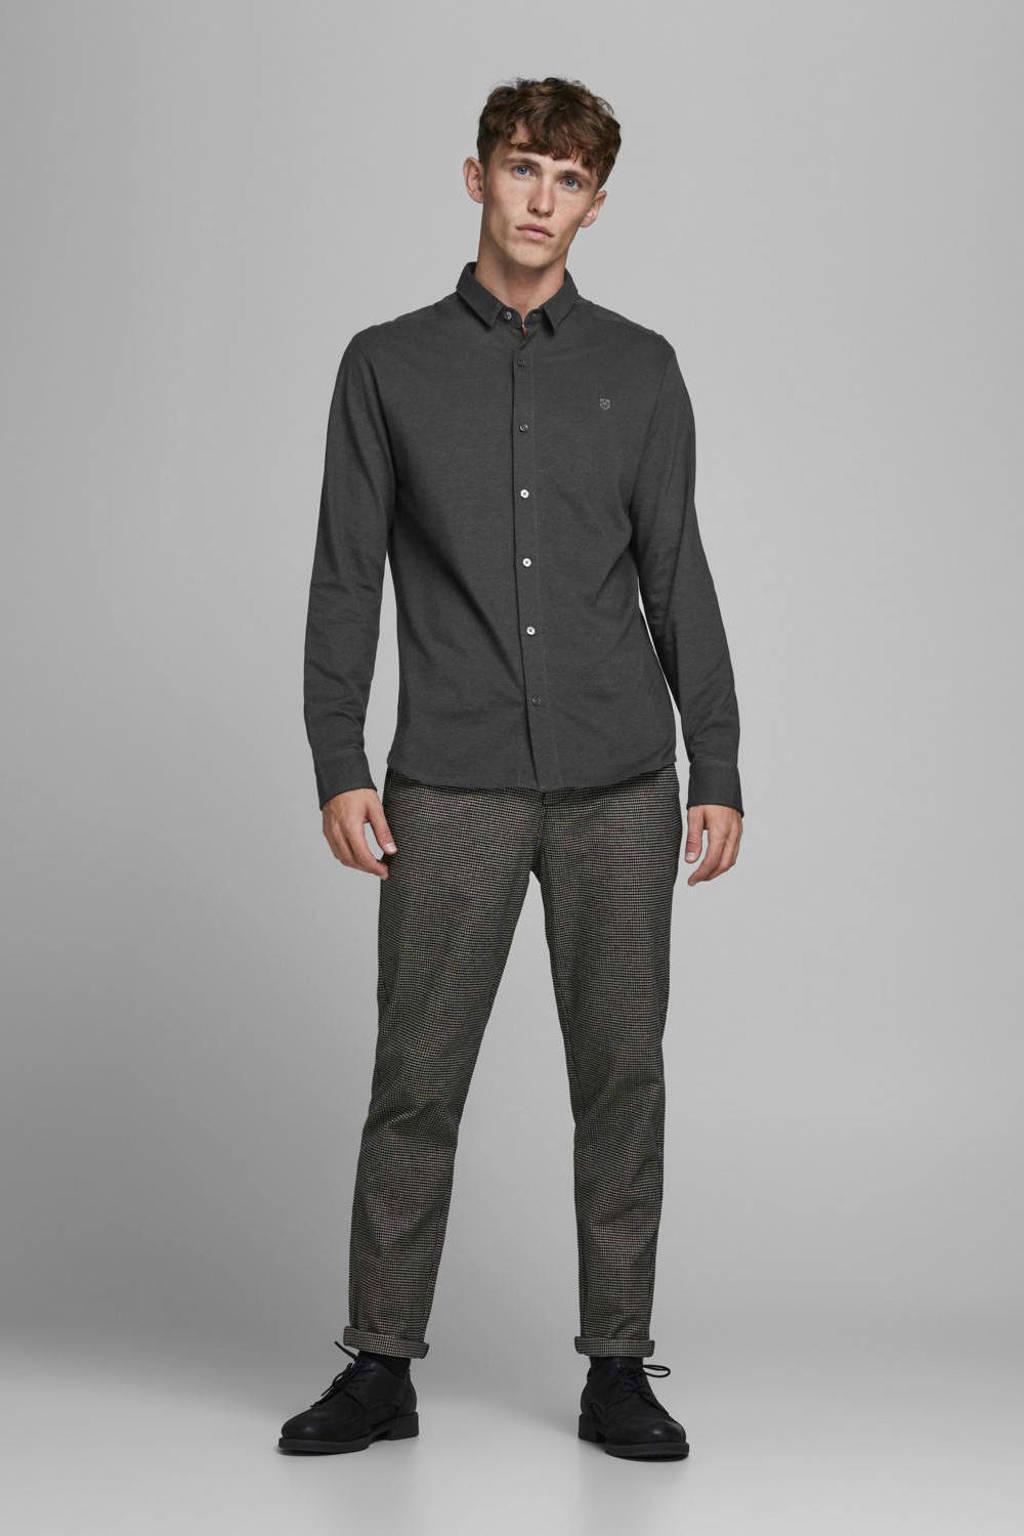 JACK & JONES PREMIUM regular fit overhemd met textuur donkerblauw, Donkerblauw